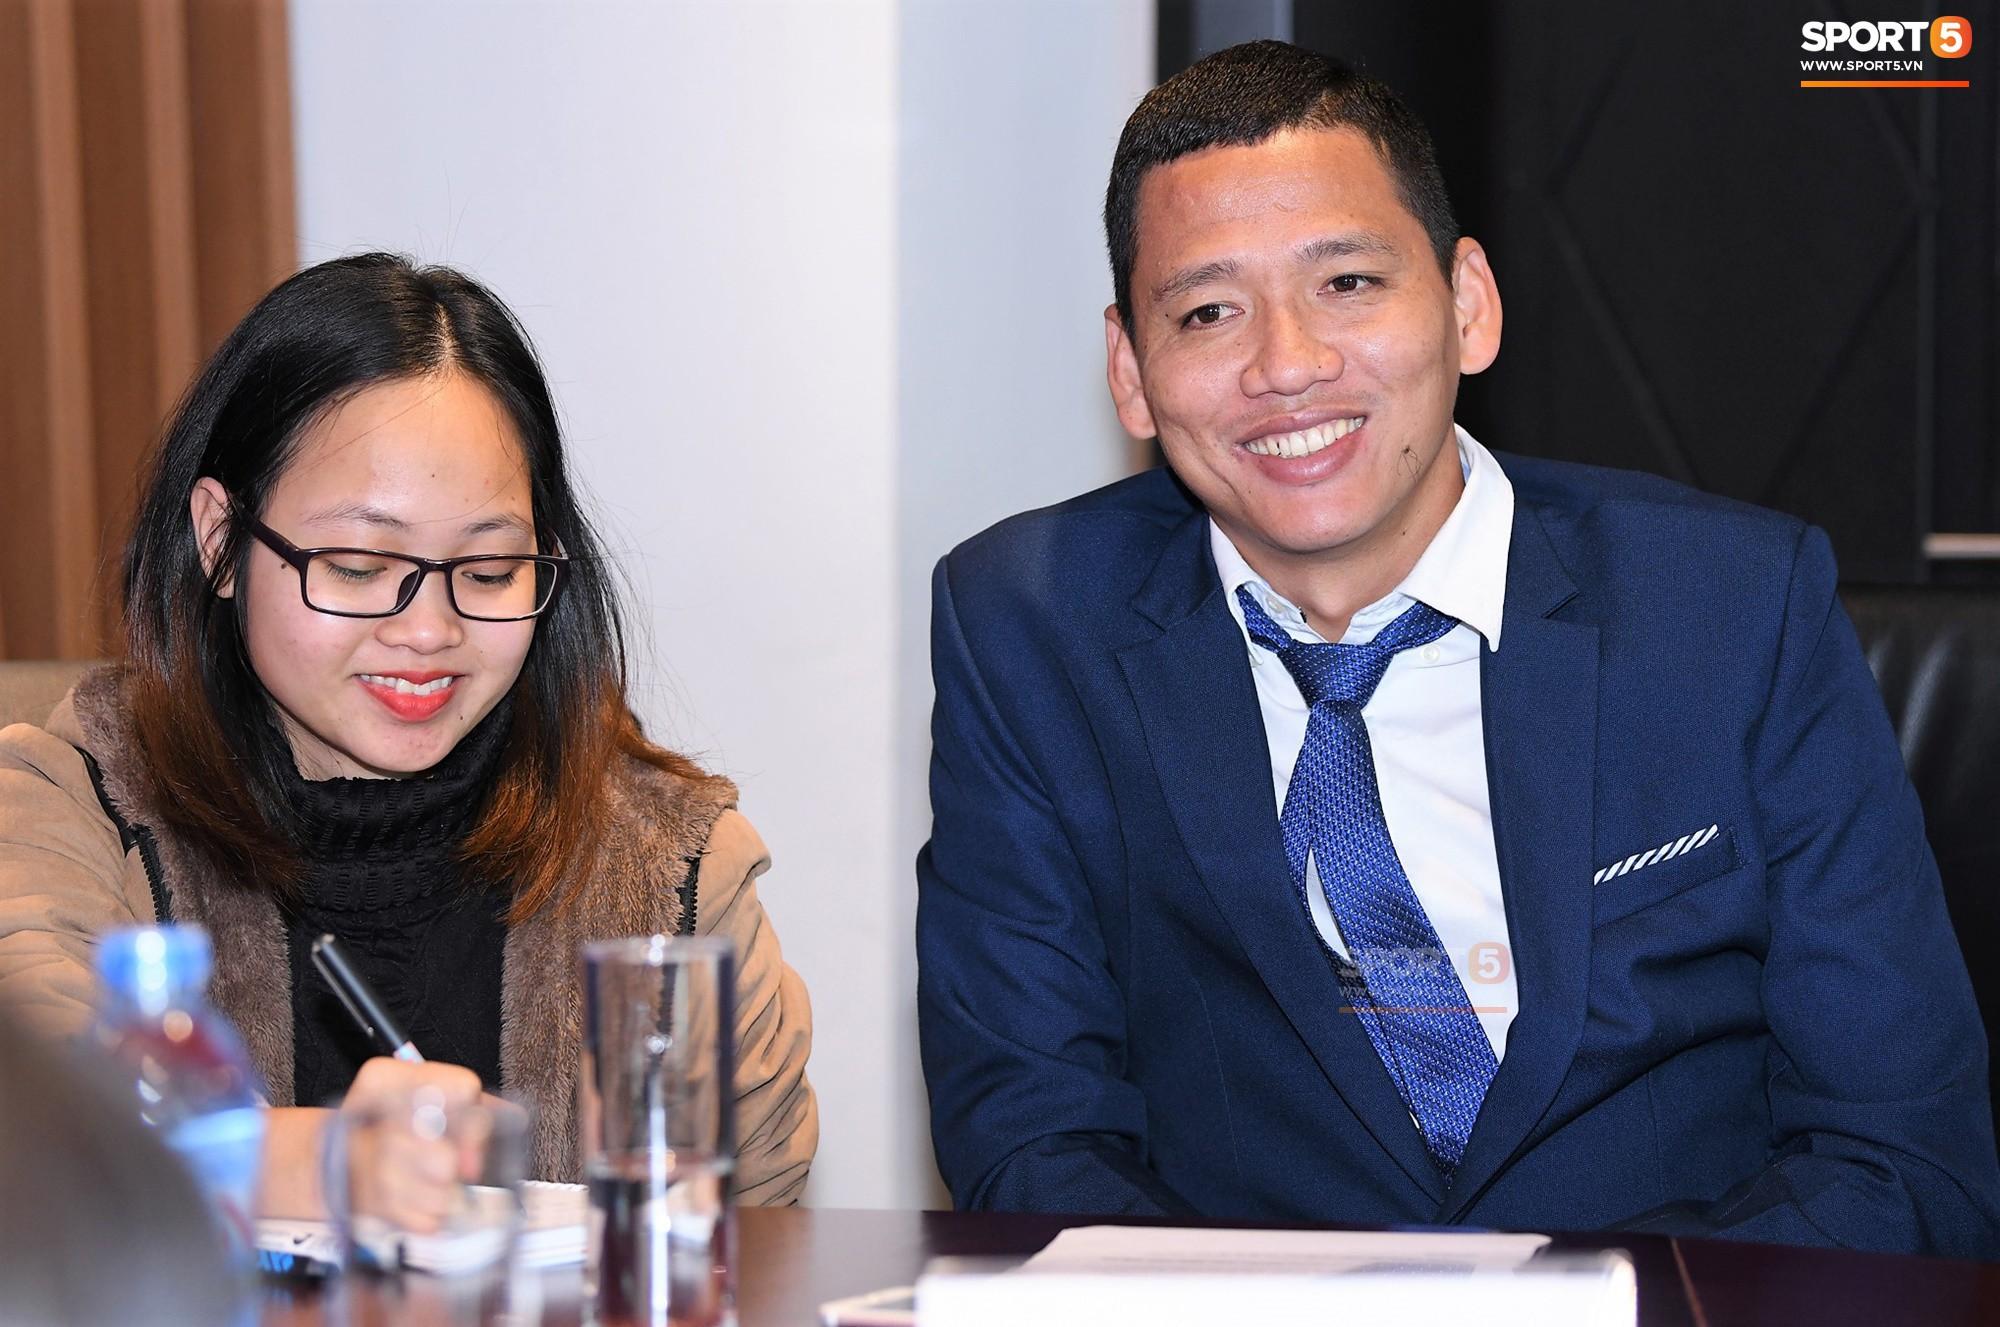 Tiền đạo tỷ phú Anh Đức tiết lộ về lương bổng và cách tiêu tiền của cầu thủ Việt - Ảnh 1.